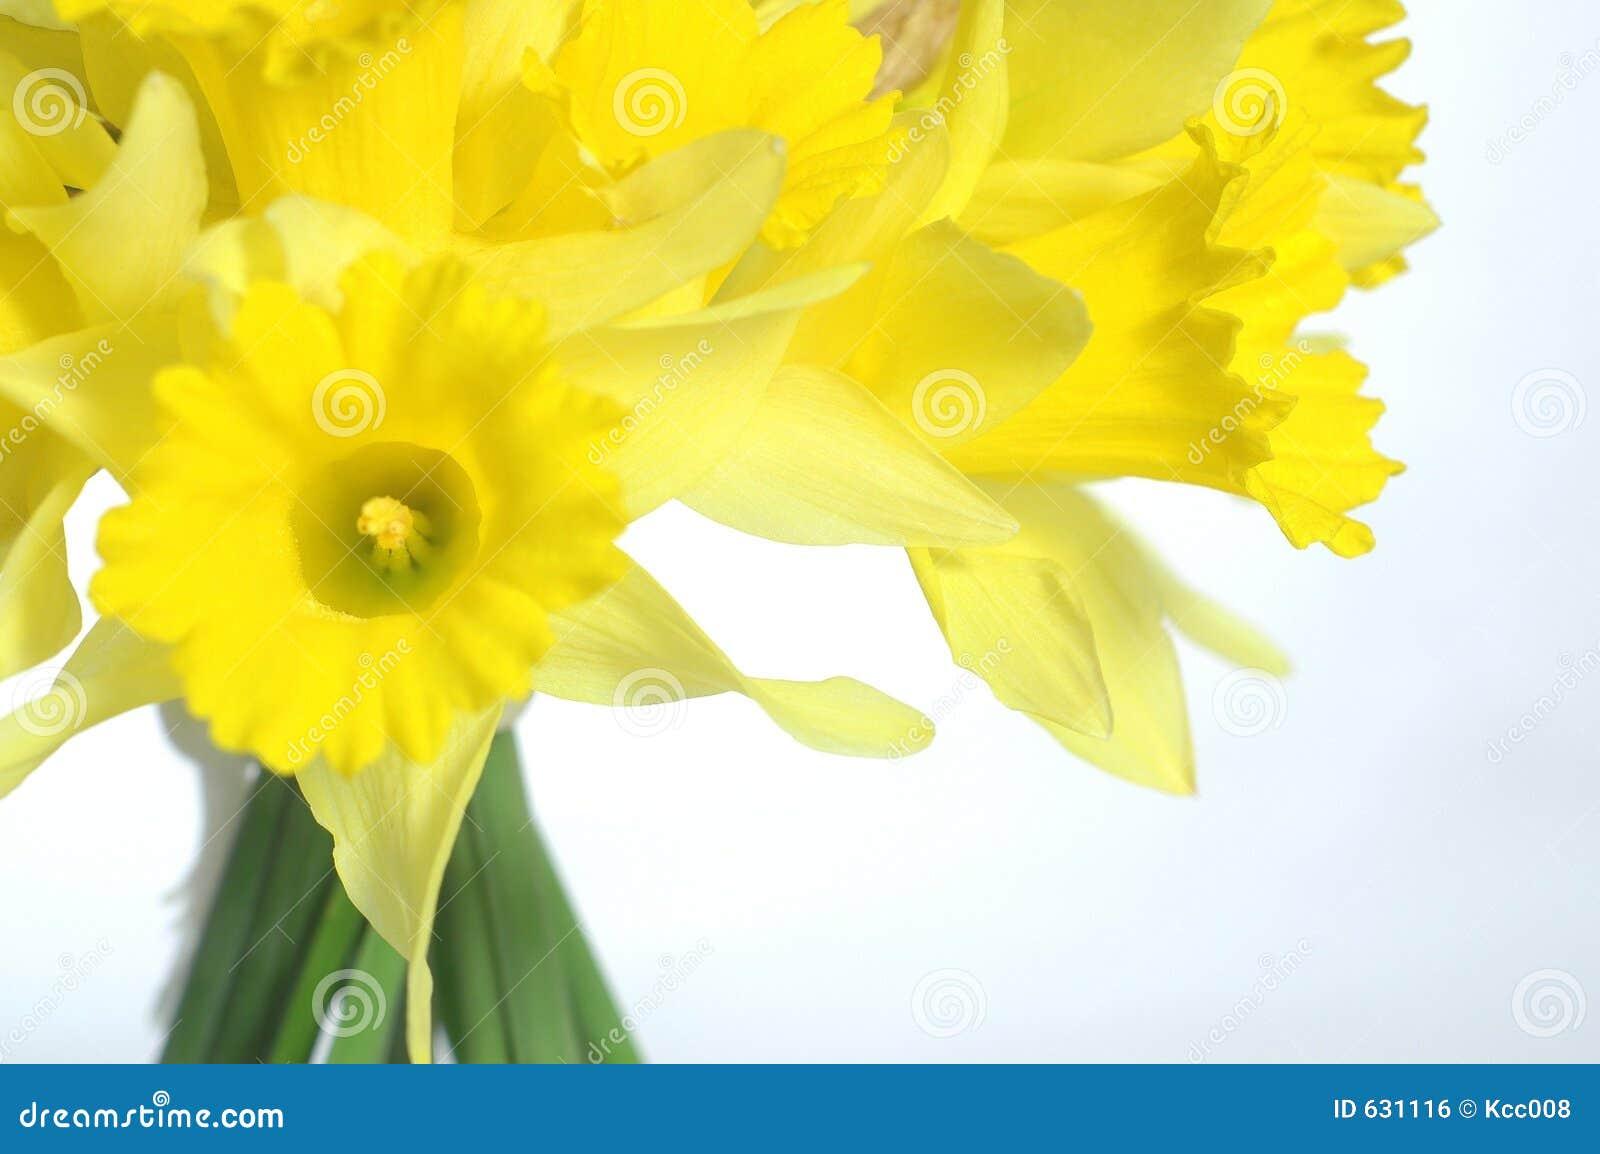 Download Daffodil букета стоковое фото. изображение насчитывающей arranger - 631116